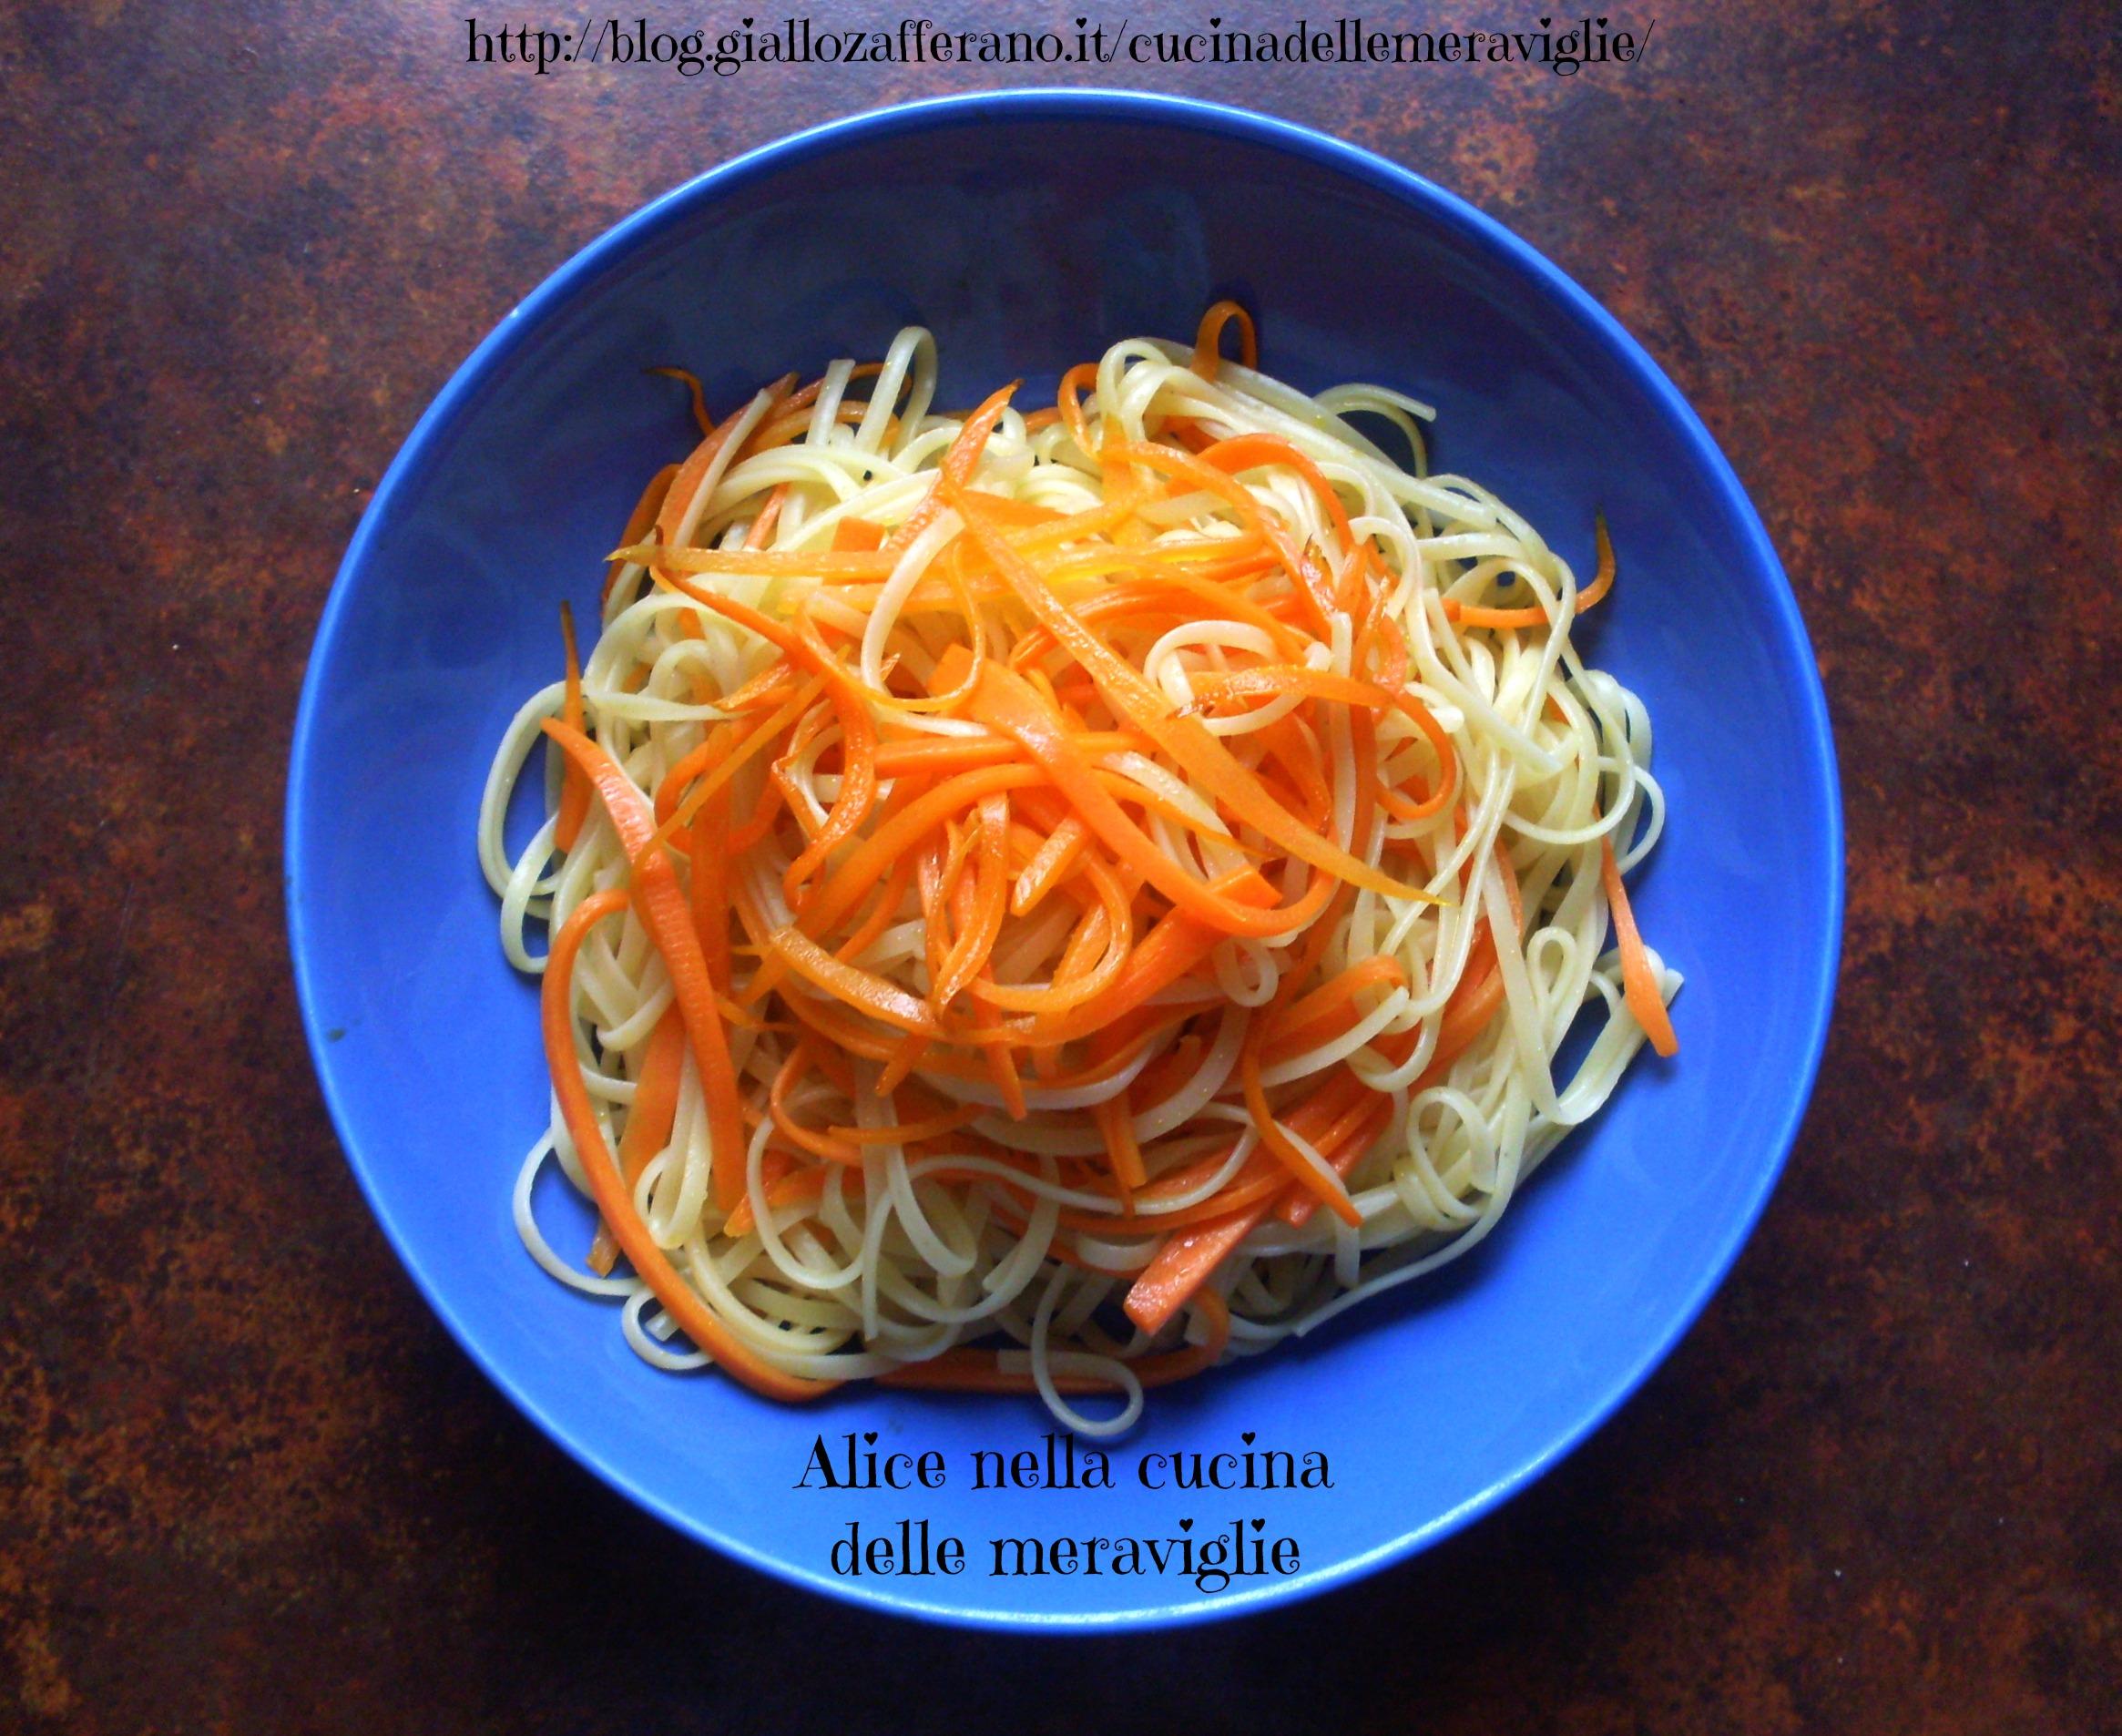 Linguine alle carote Ricetta primo piatto vegano Alice nella cucina delle meraviglie